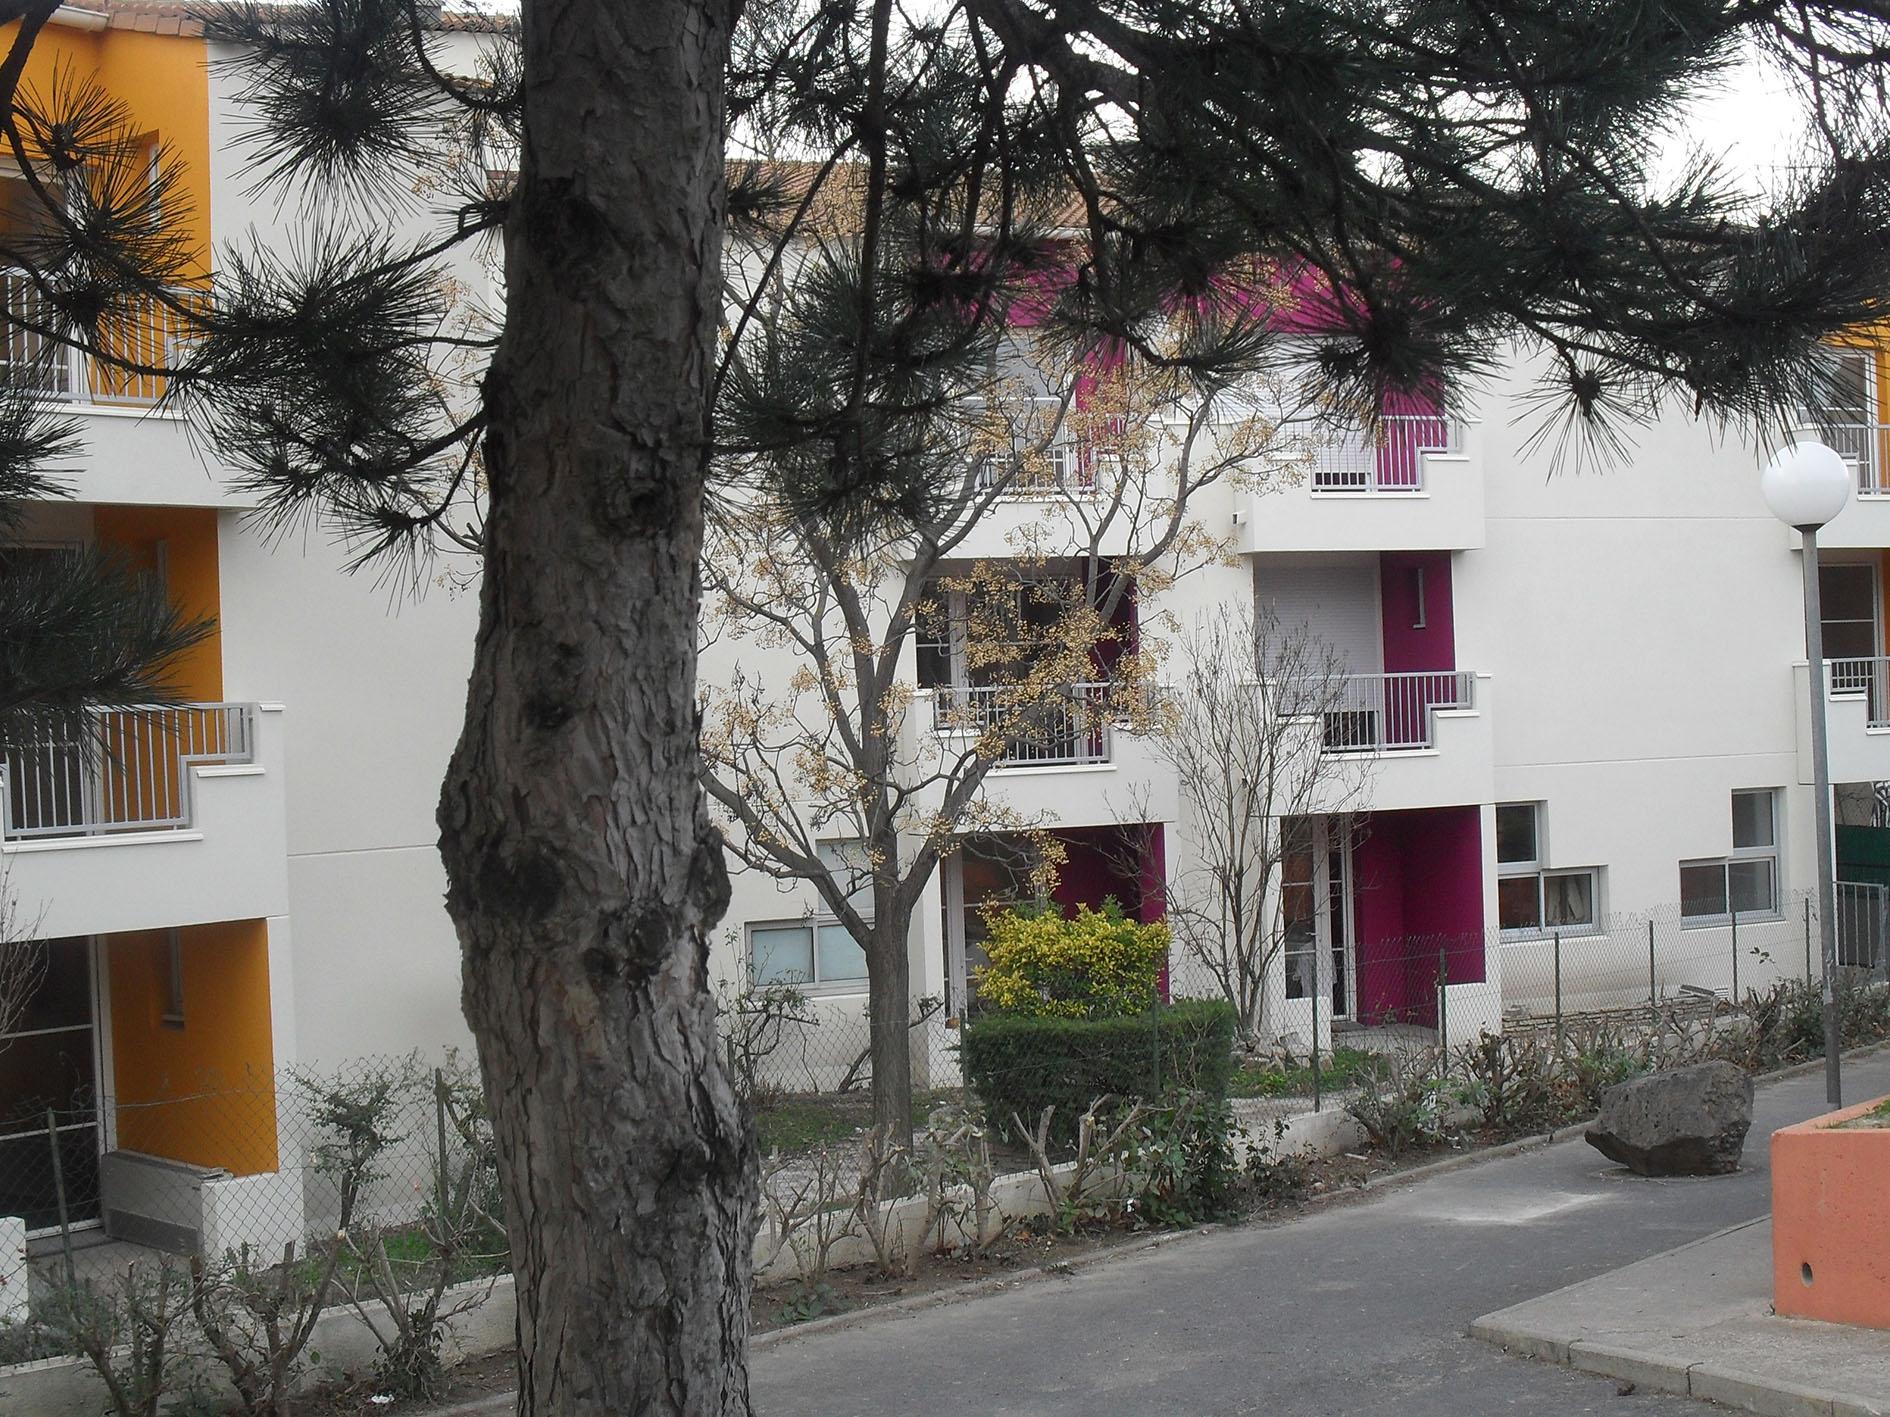 Recrutement: aide soignant / aide médico psychologique / accompagnant éducatif et social F/H chez GROUPE ACPPA à Montagnac